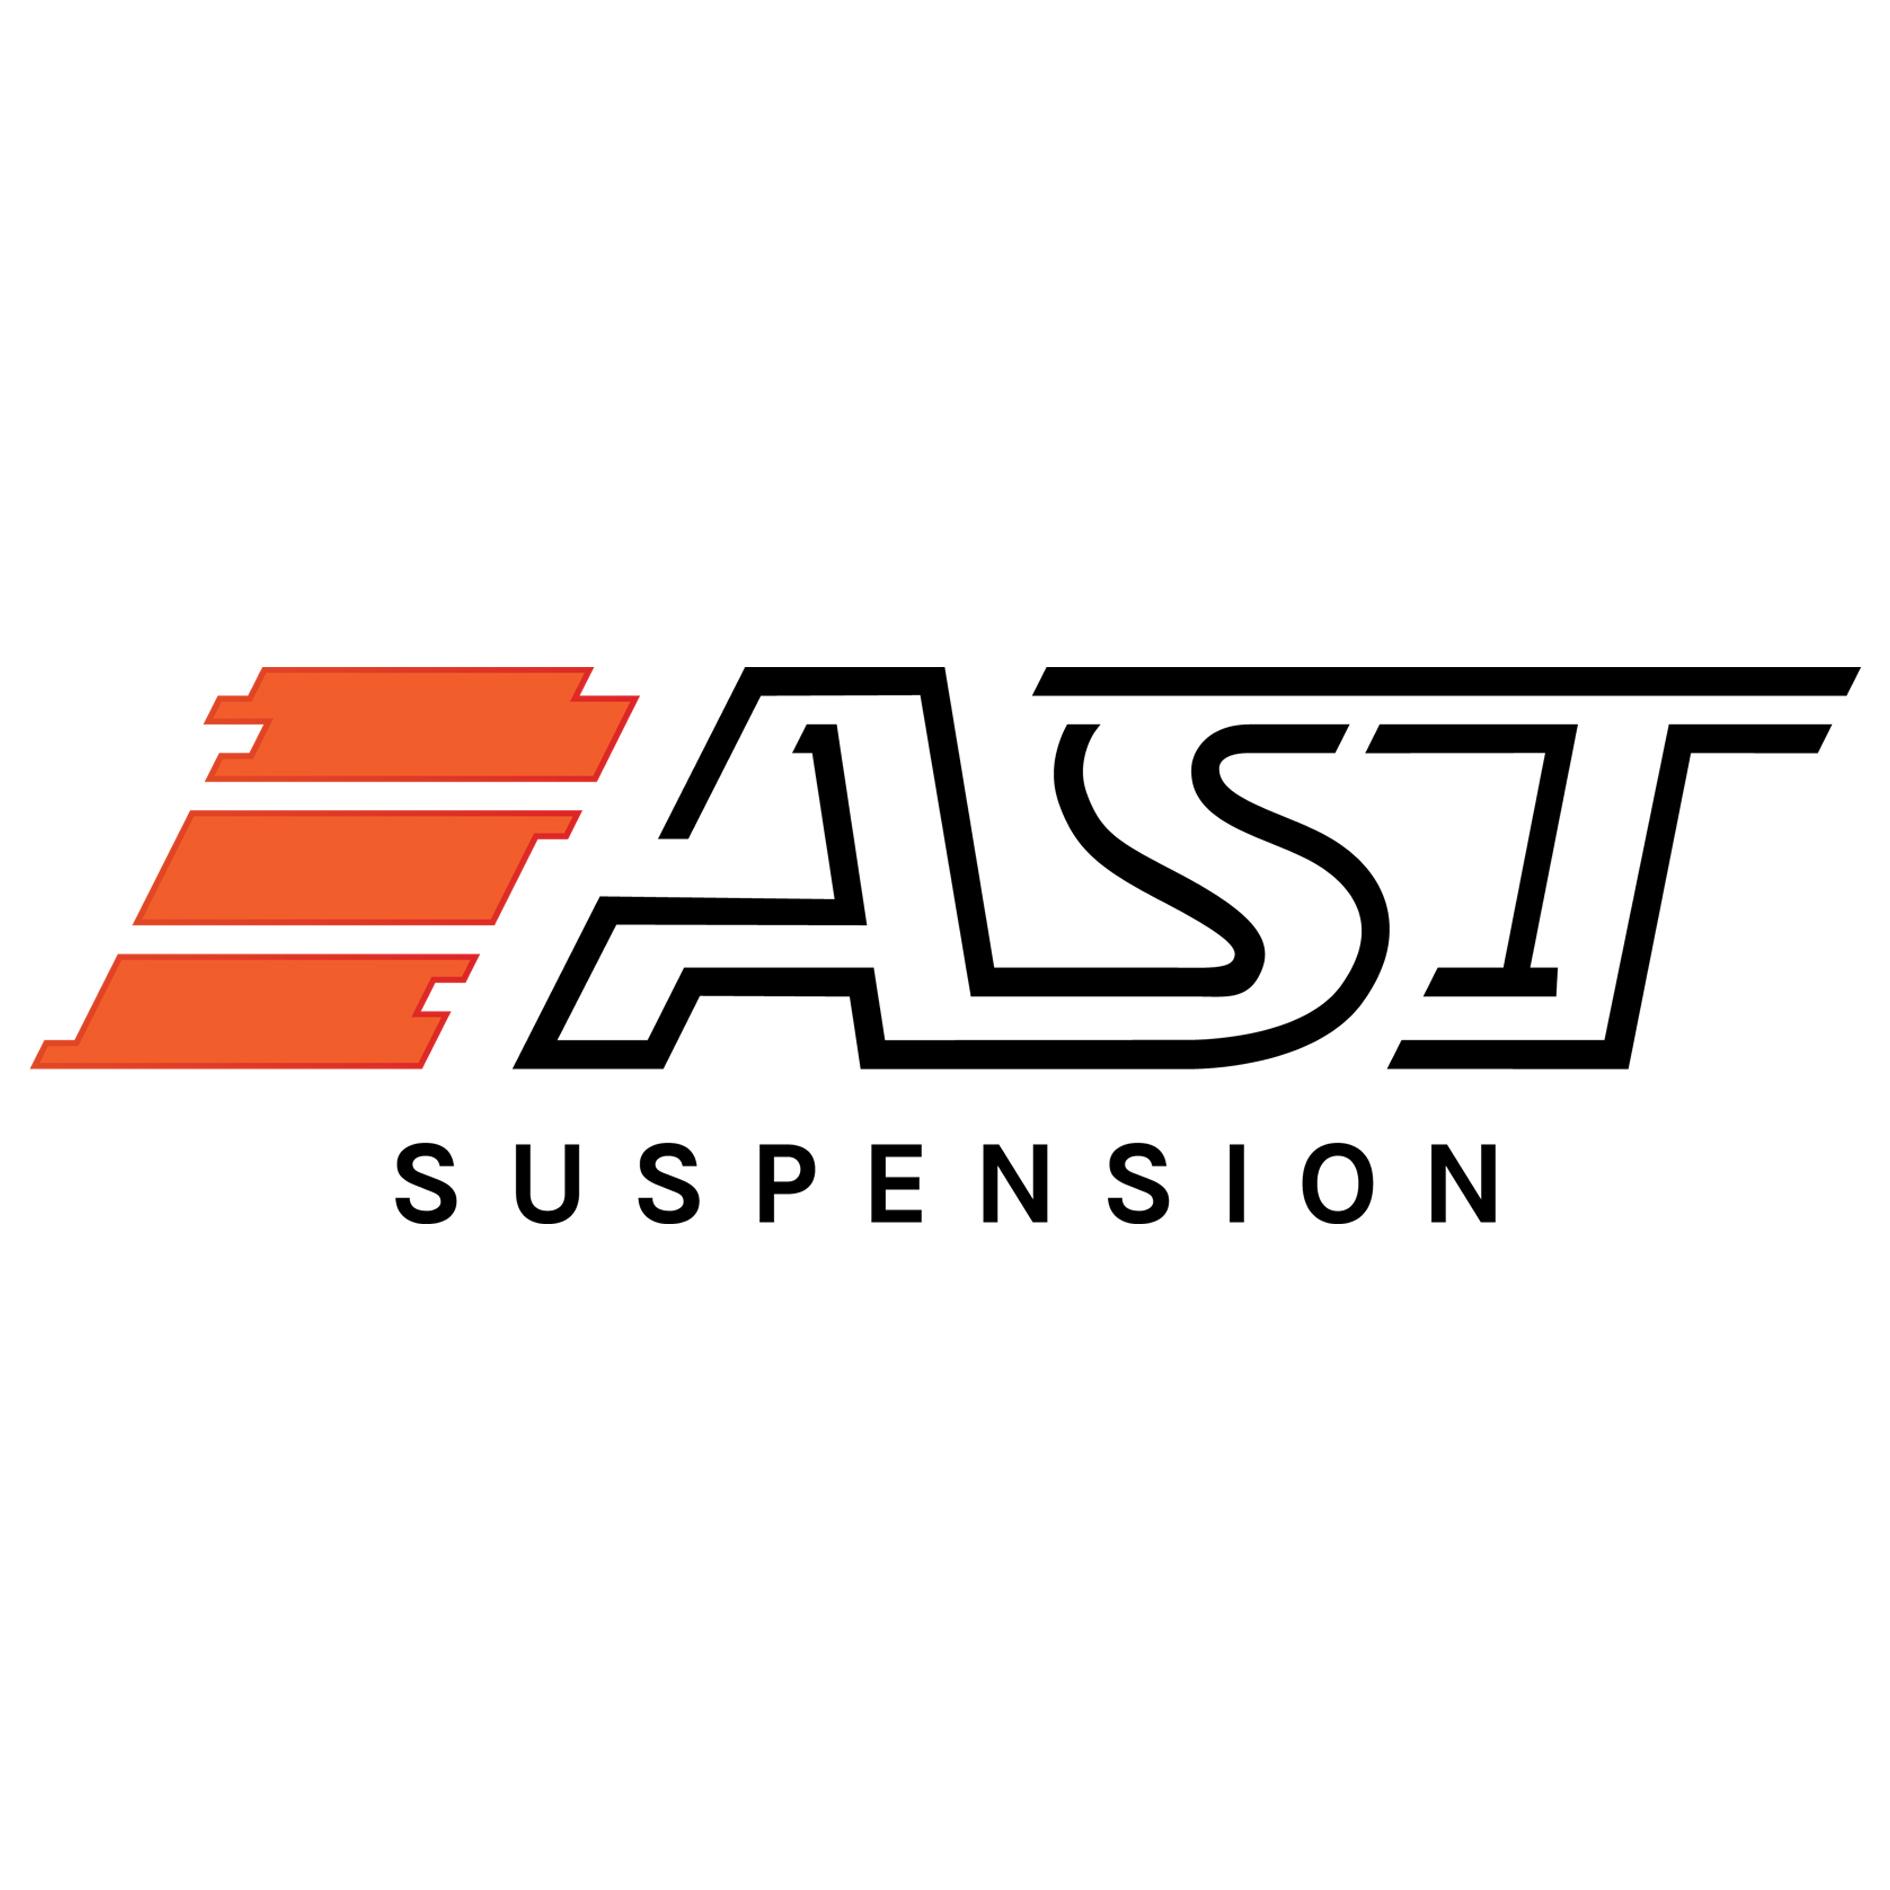 AST 優惠活動至2/28